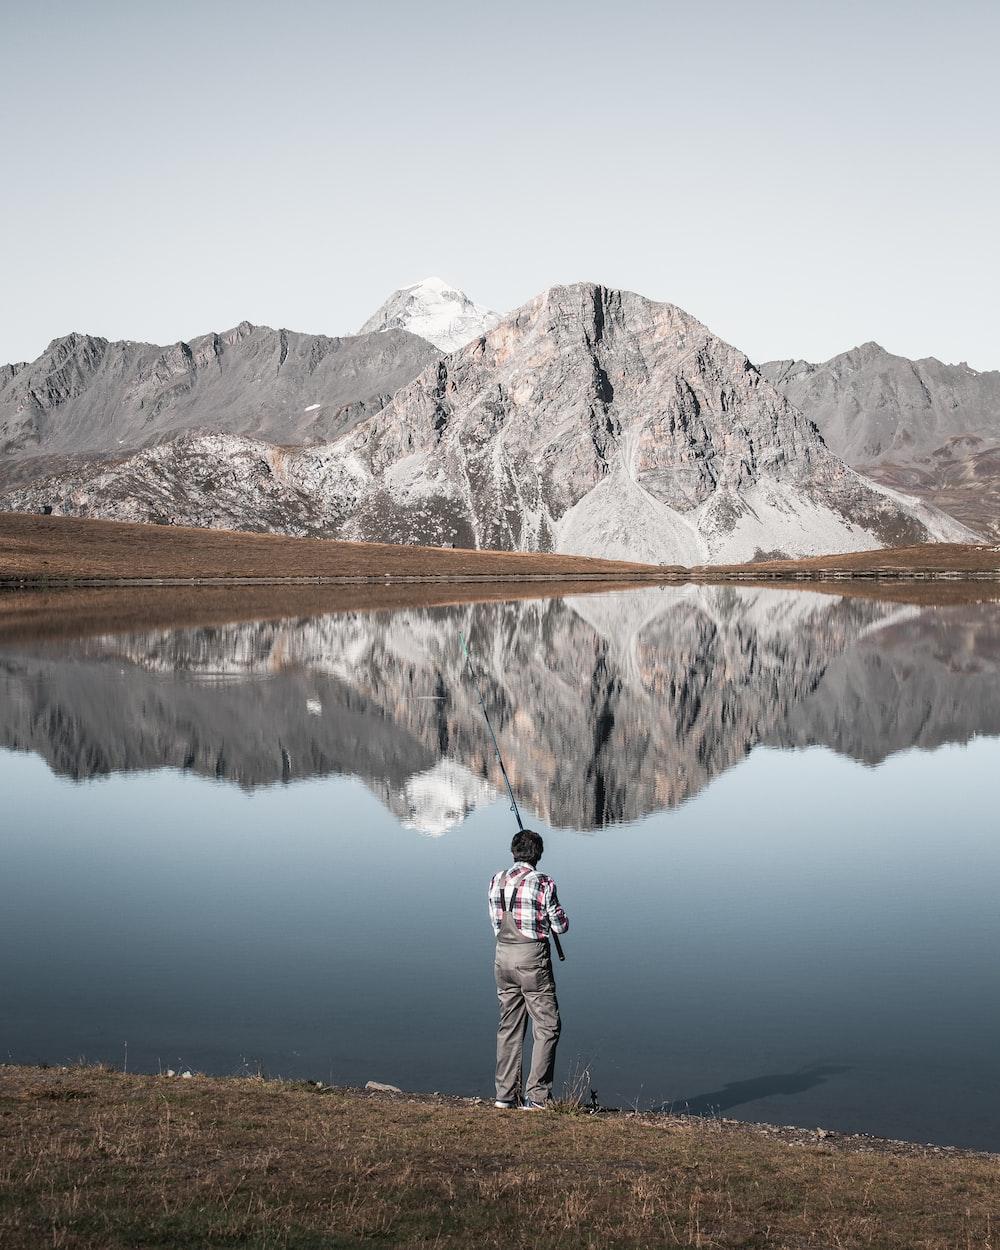 man fishing on calm water at daytime